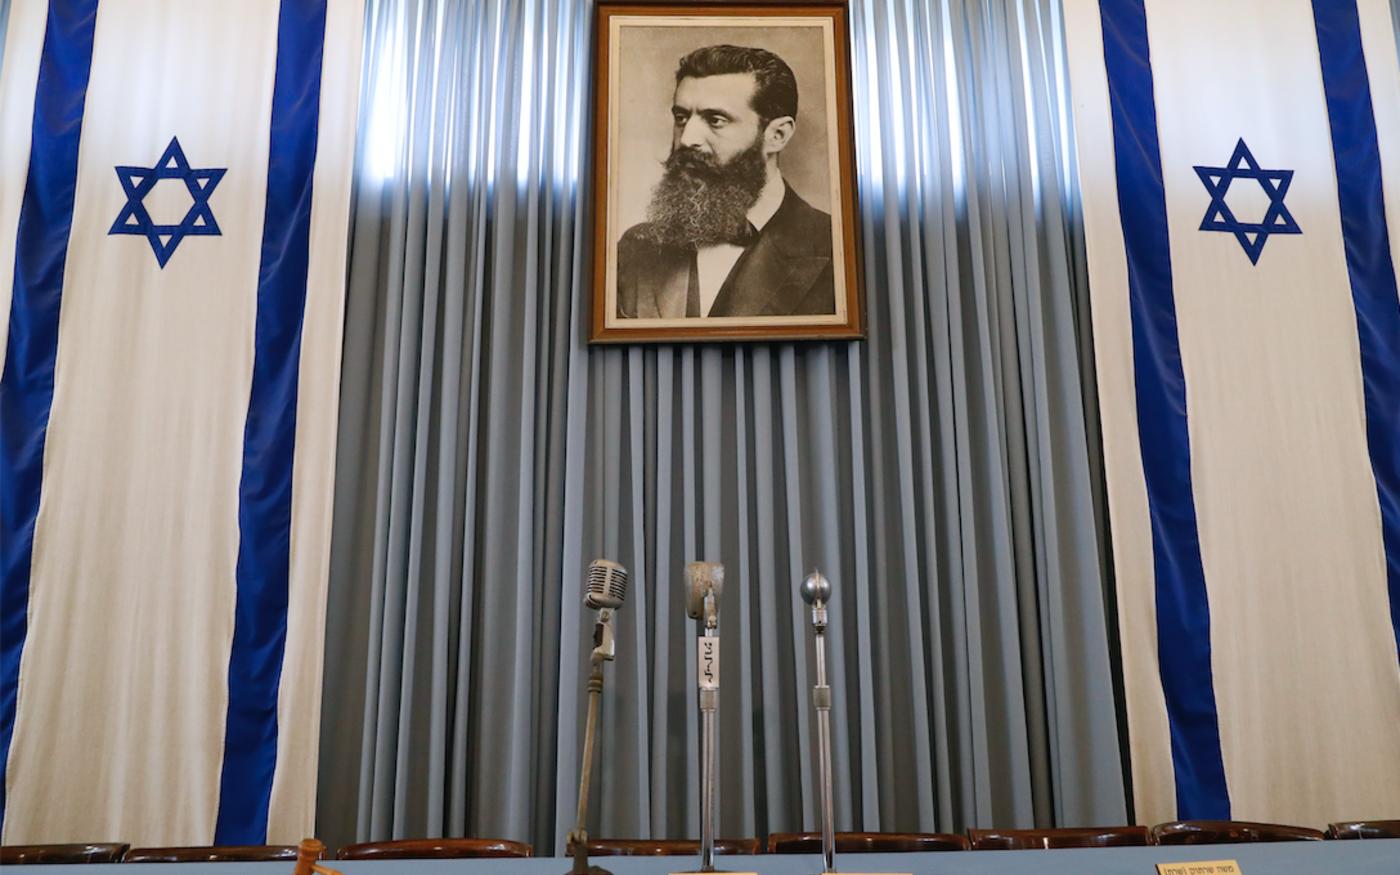 Le portrait de Théodore Herzl, le défunt fondateur du sionisme politique, ornant le bâtiment du «Musée de l'Independence Hall», à Tel-Aviv, le 3 mai 2018 (AFP)